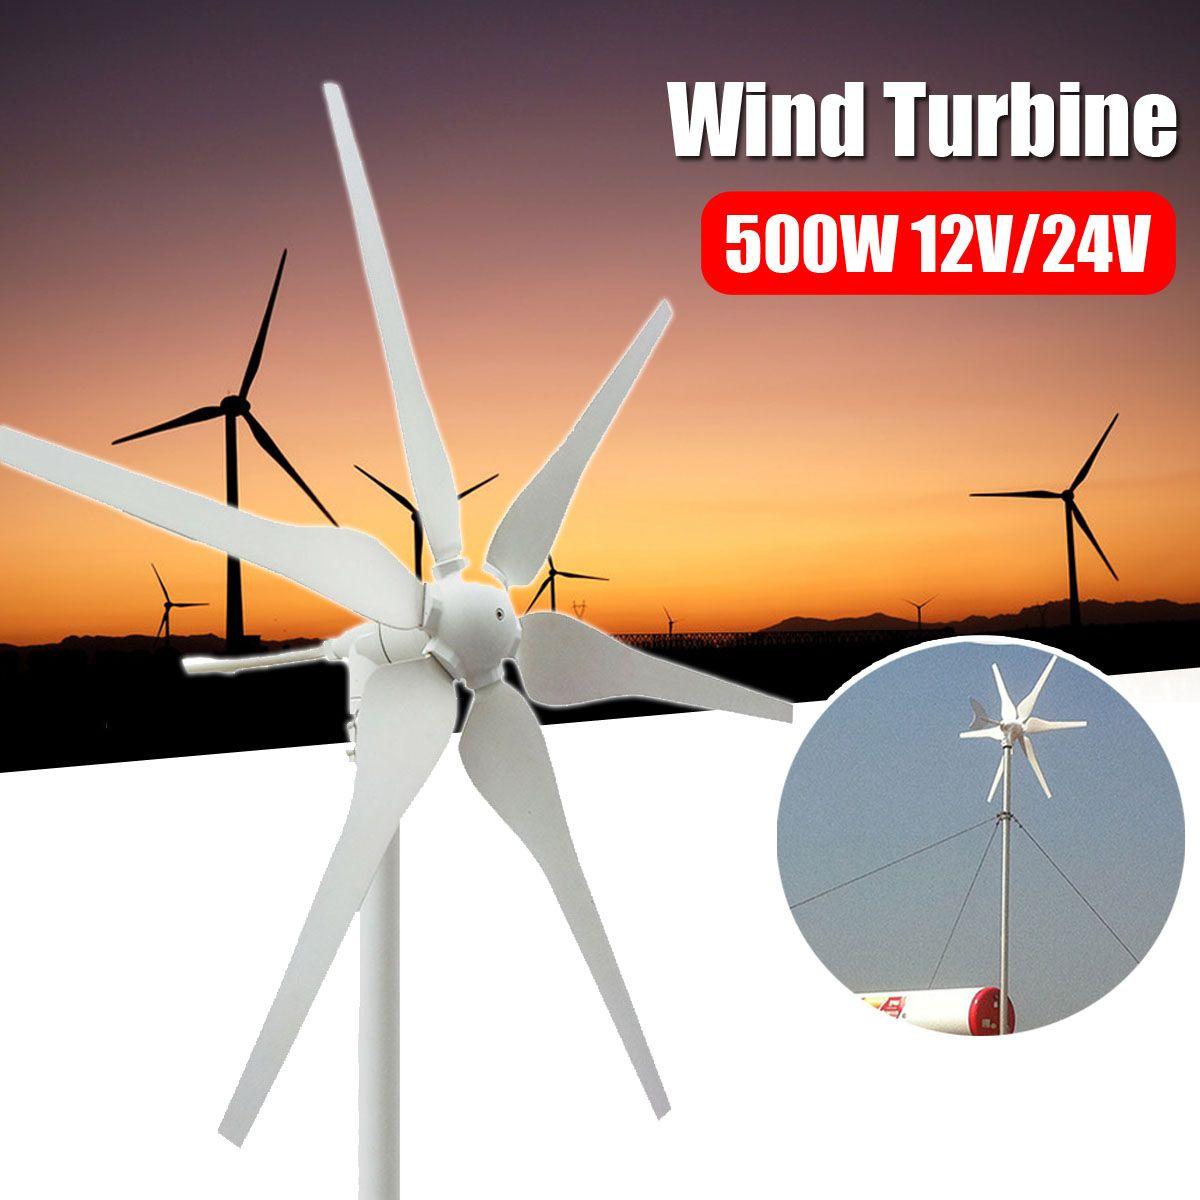 500 watt 12 v/24 v Umwelt 6 Klingen Mini Windkraftanlagen Energie Generator Miniatur Windkraftanlagen Wohn Hause mit Controller